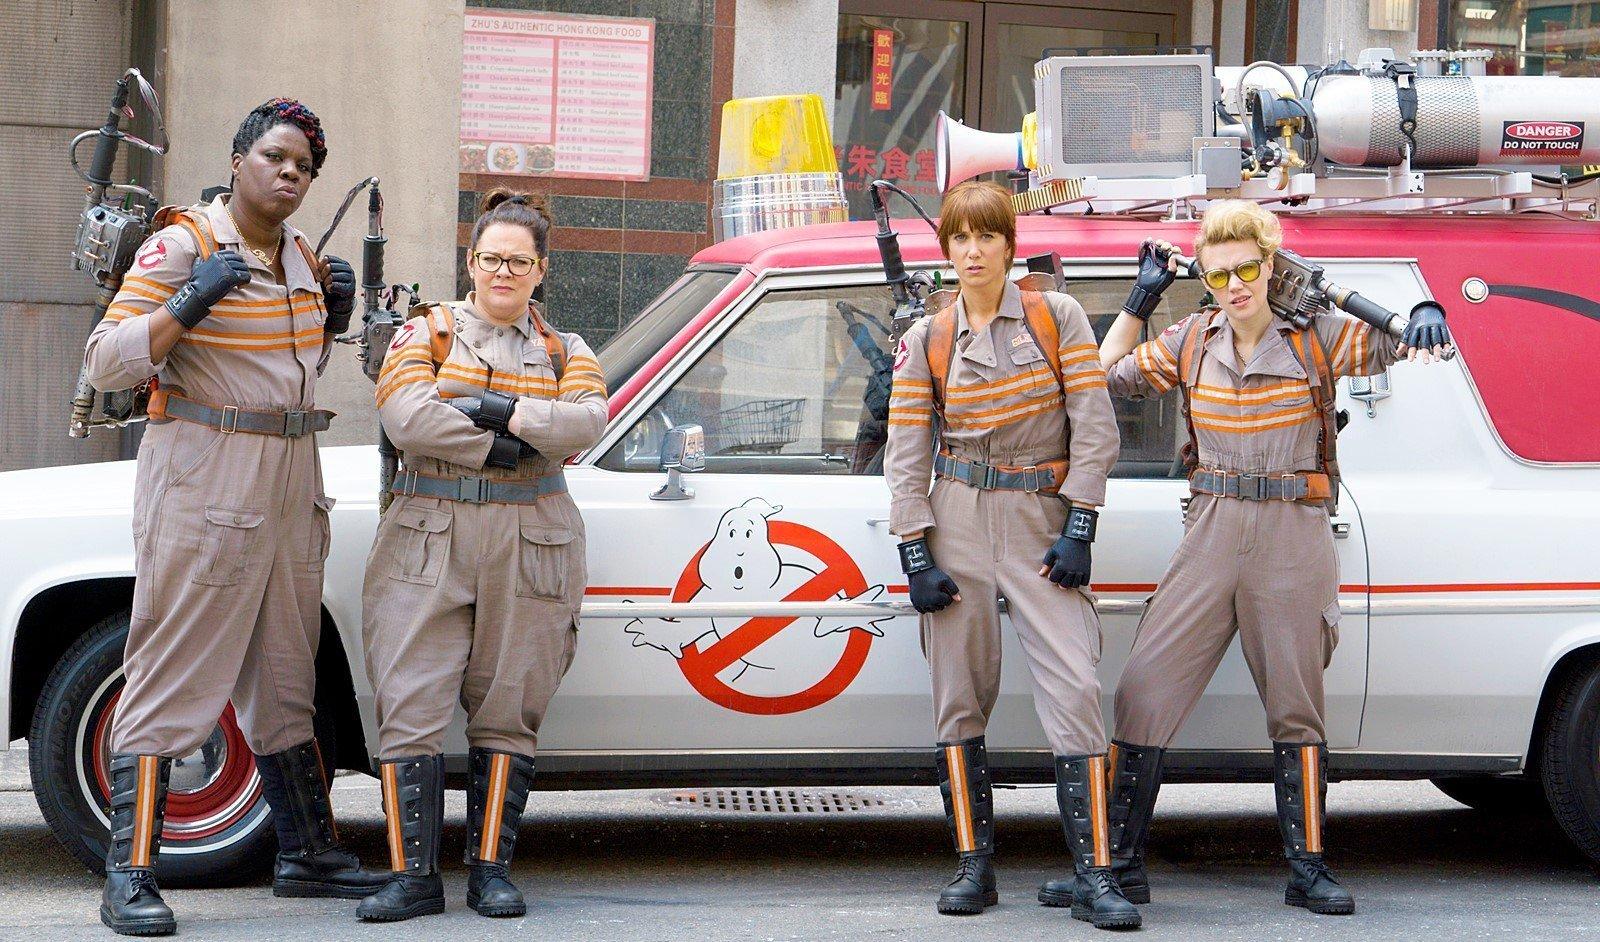 ghosbusters-3-reboot-cast(1)